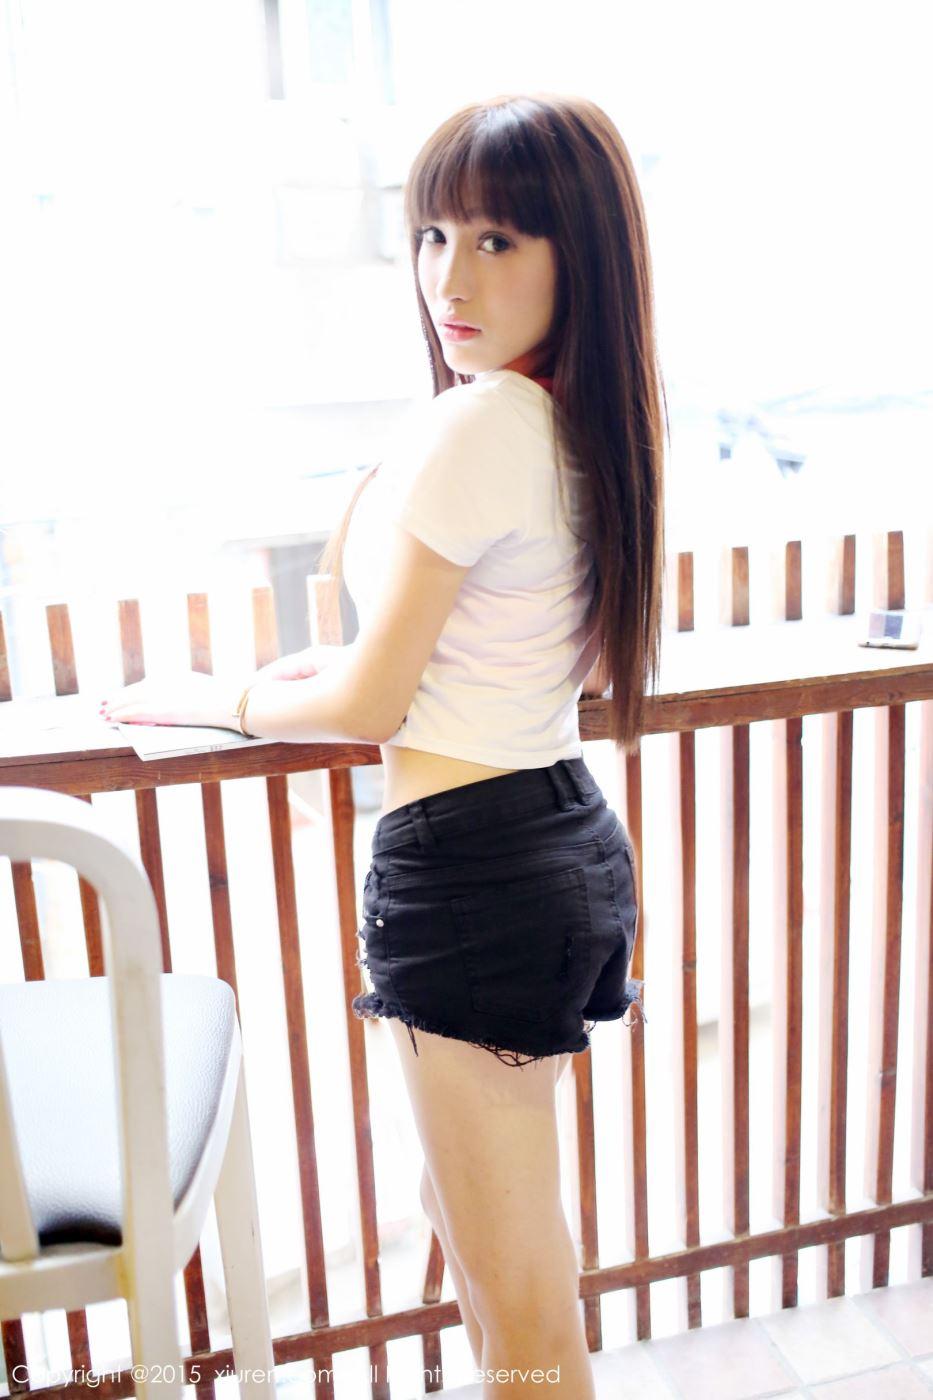 秀人网美女模特Nic妮可可比基尼丰满巨乳诱惑图片